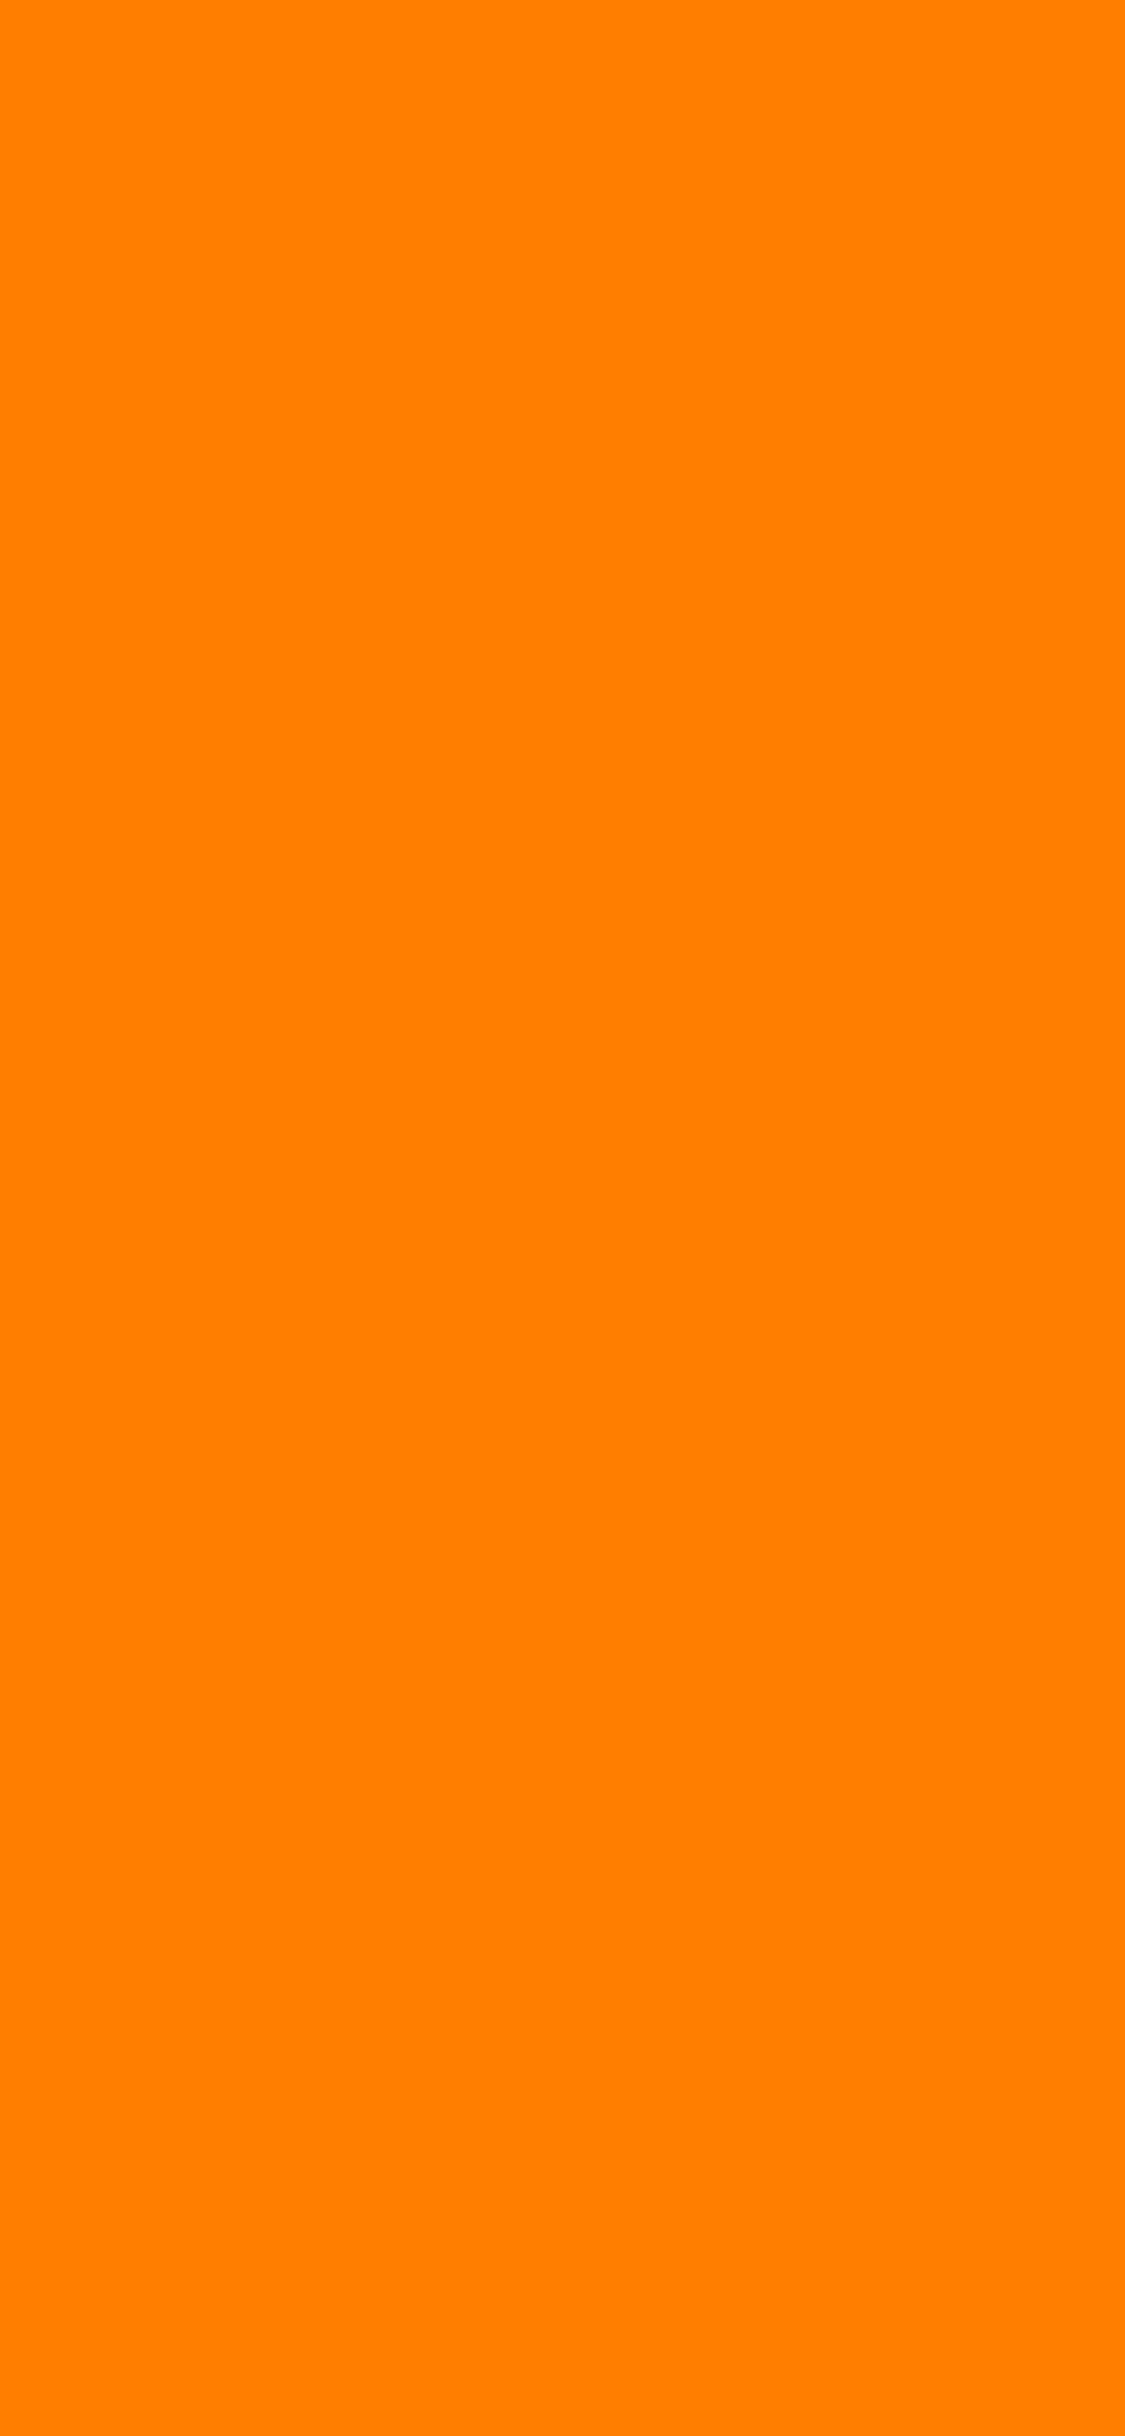 1125x2436 Amber Orange Solid Color Background